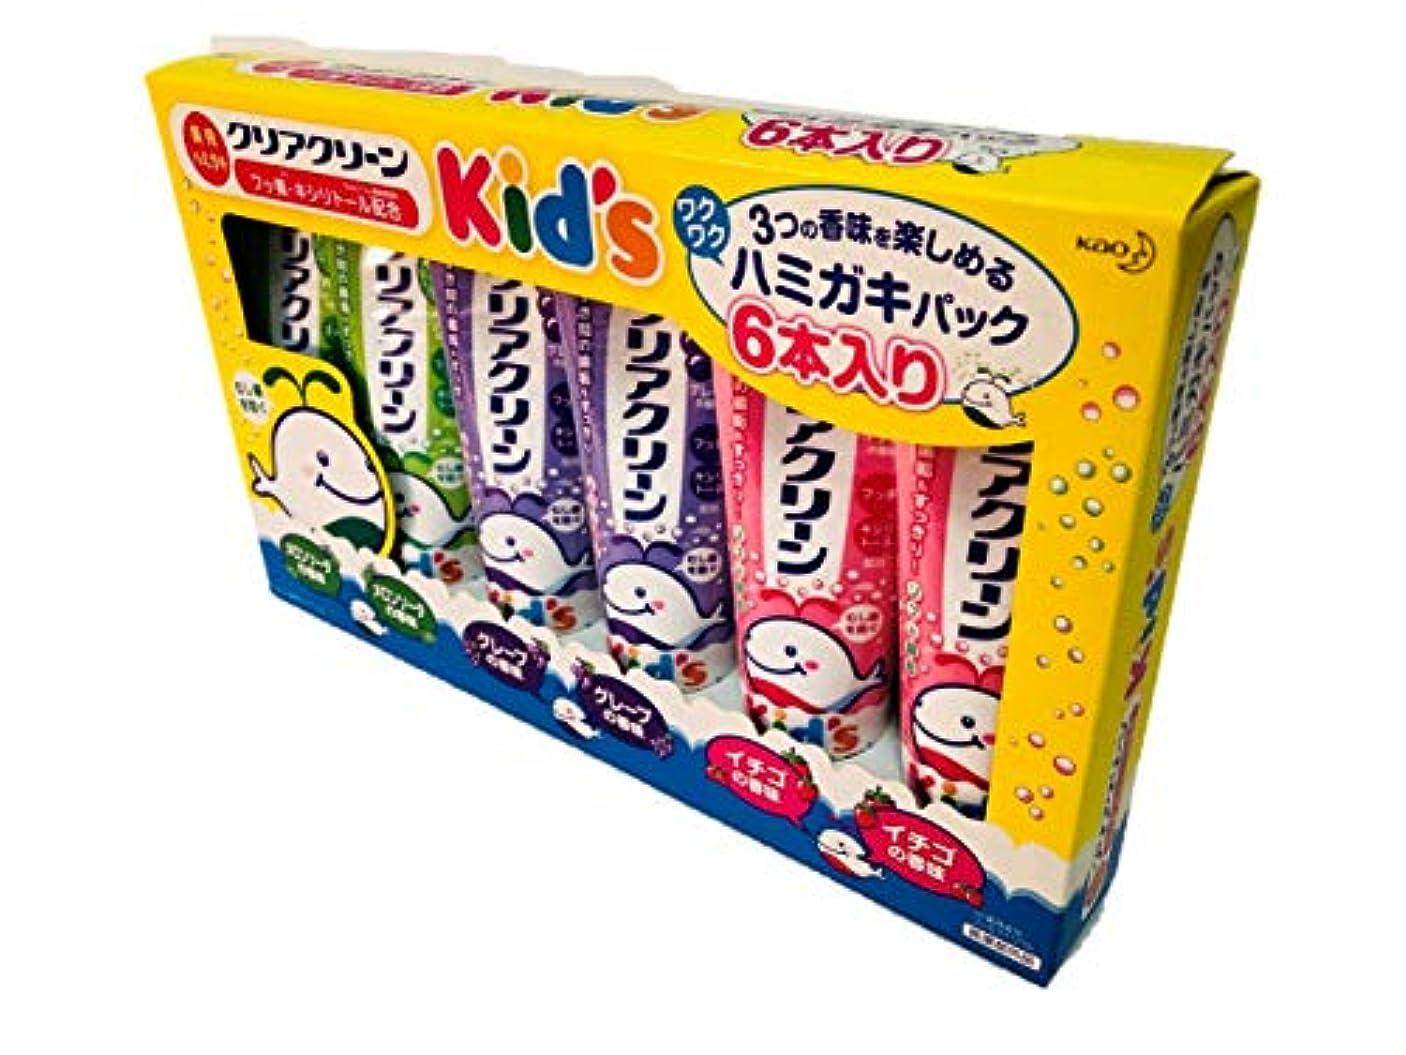 クリアクリーン Kids ハミガキ 6本入りパック (メロンソーダ?グレープ?イチゴ)70g×6本 薬用ハミガキ